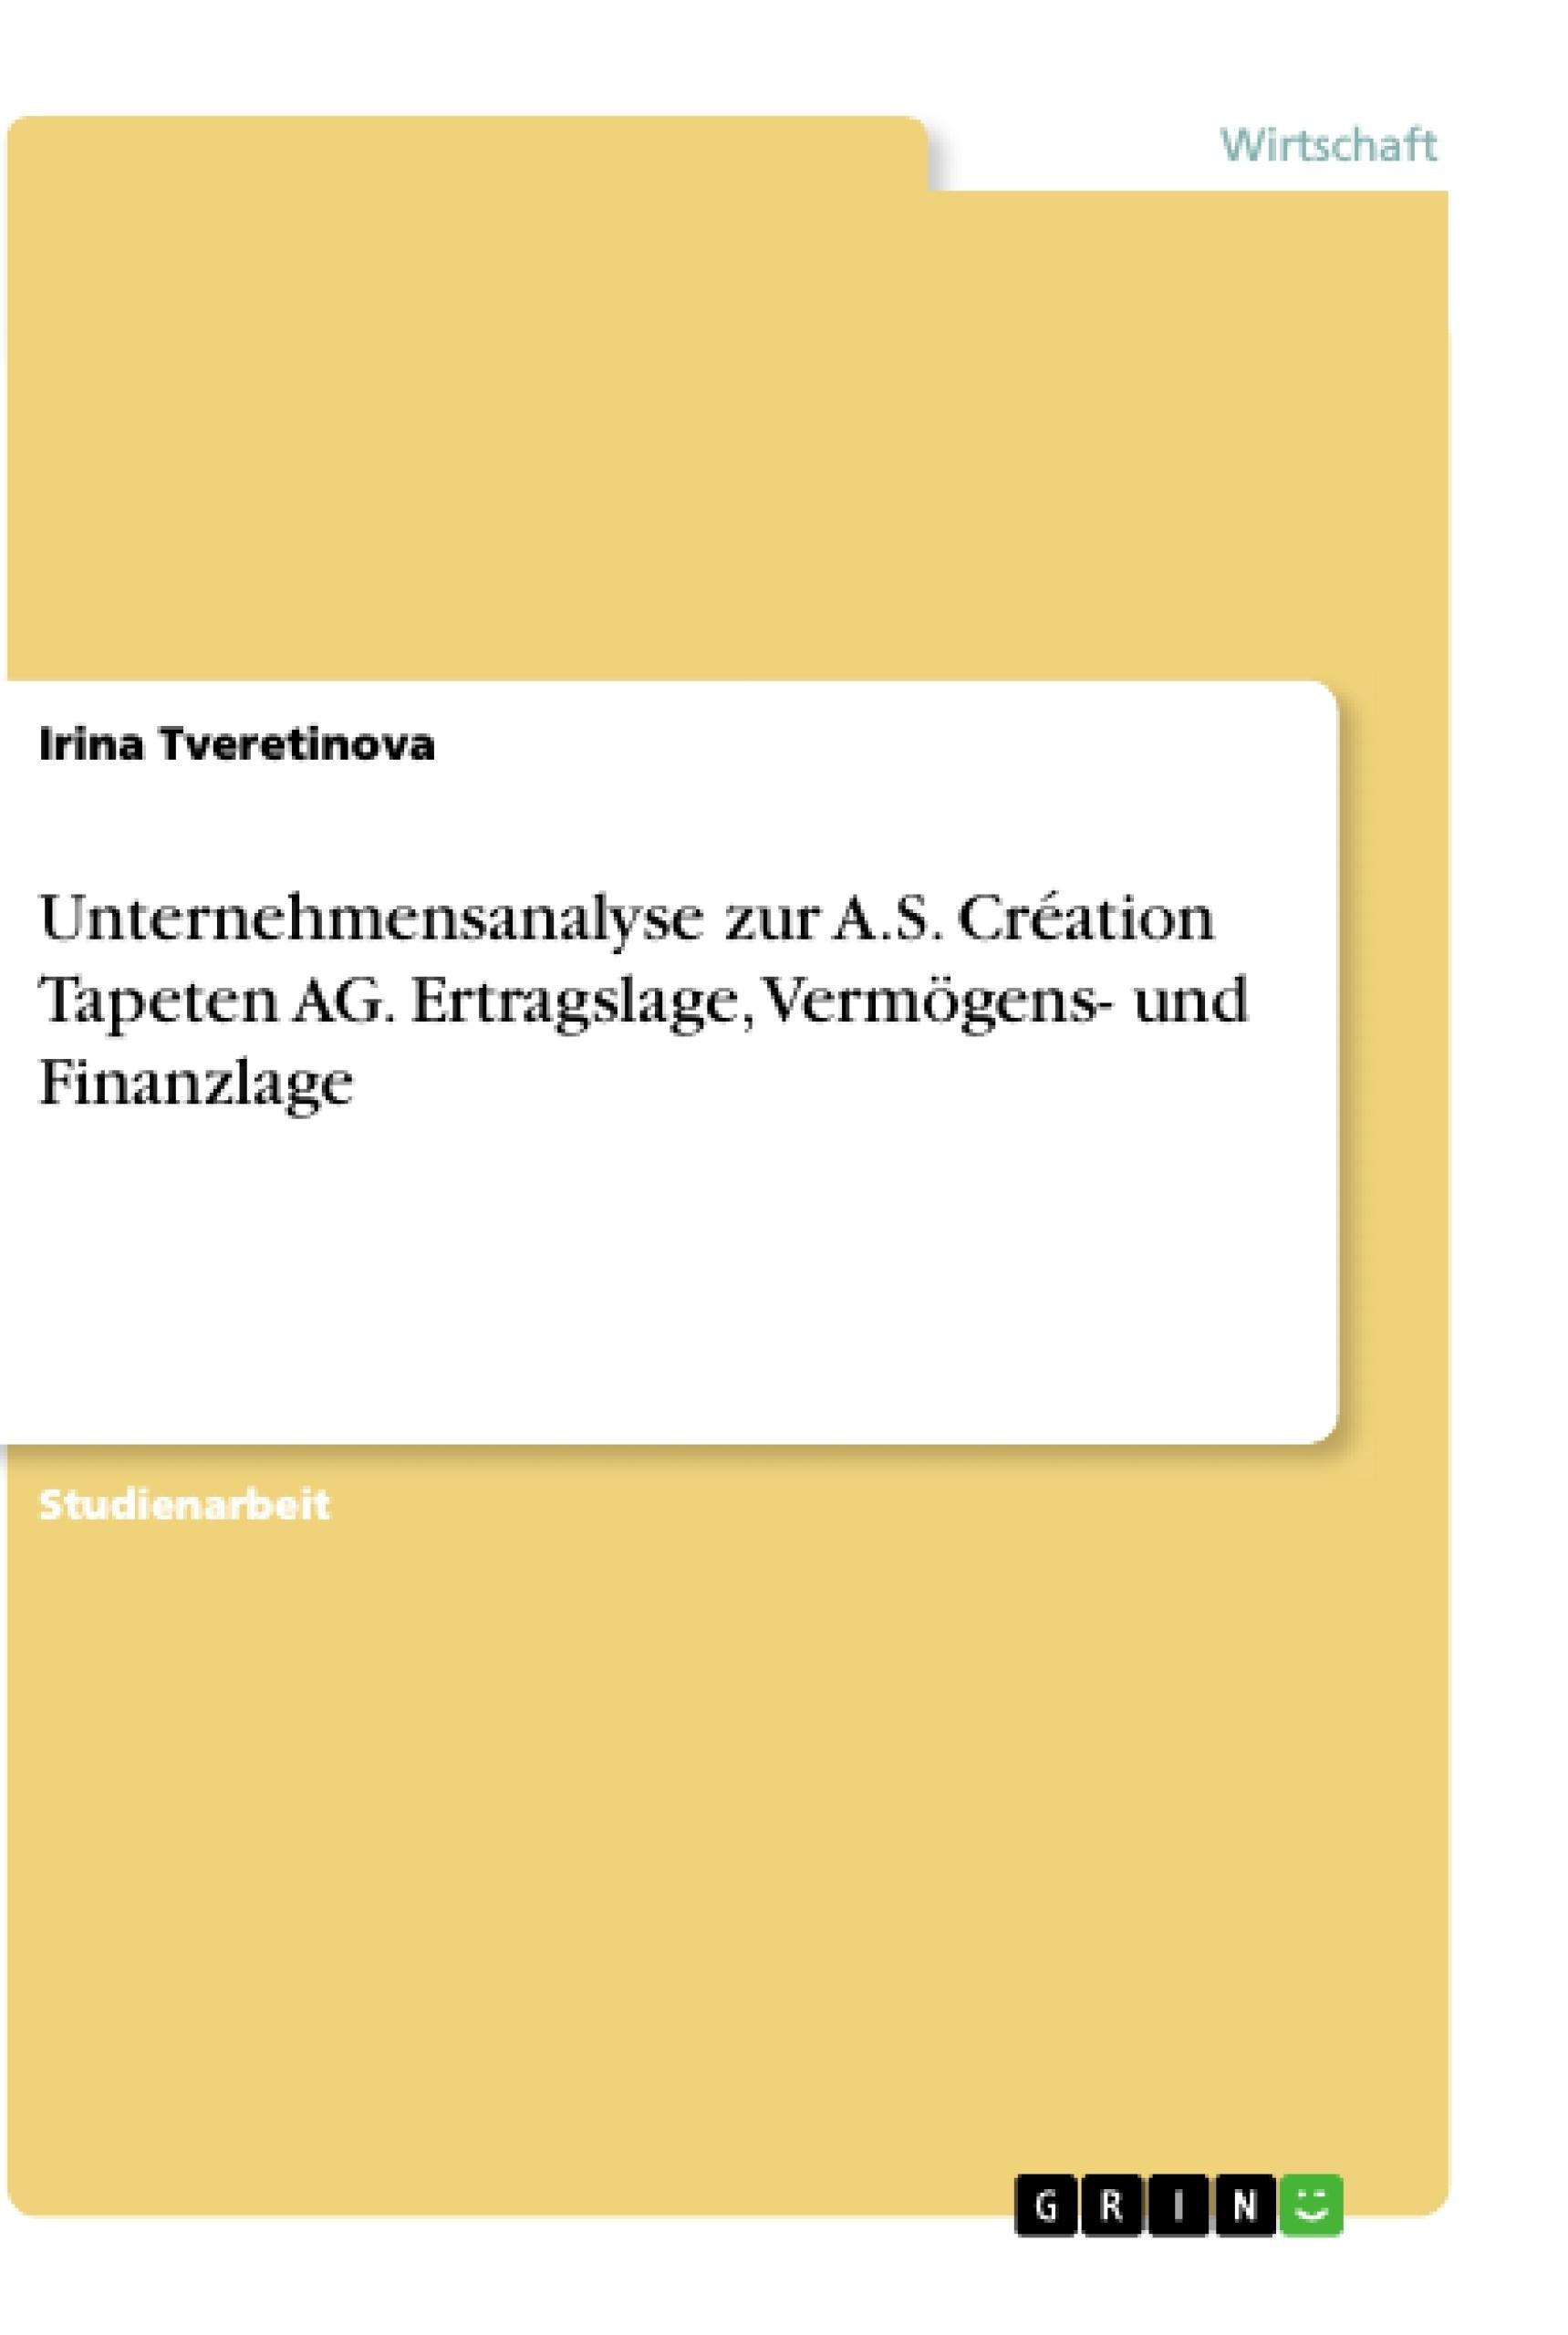 Titel: Unternehmensanalyse zur A.S. Création Tapeten AG. Ertragslage, Vermögens- und Finanzlage